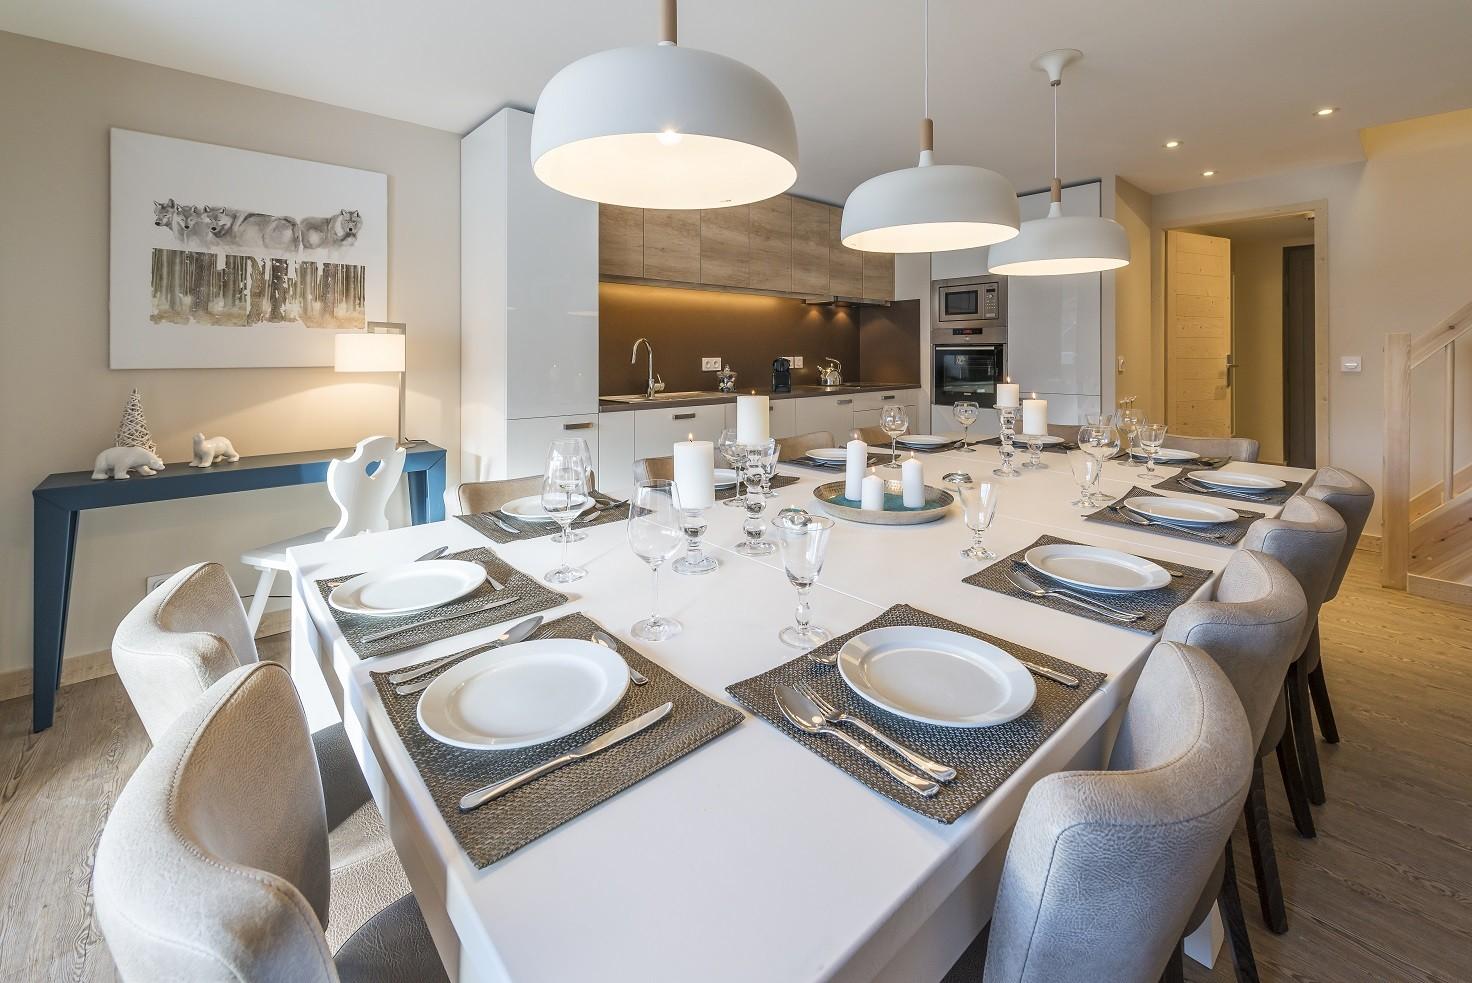 salle-a-manger-et-cuisine-6-pieces-10-12-pers-141-1472x983-7708